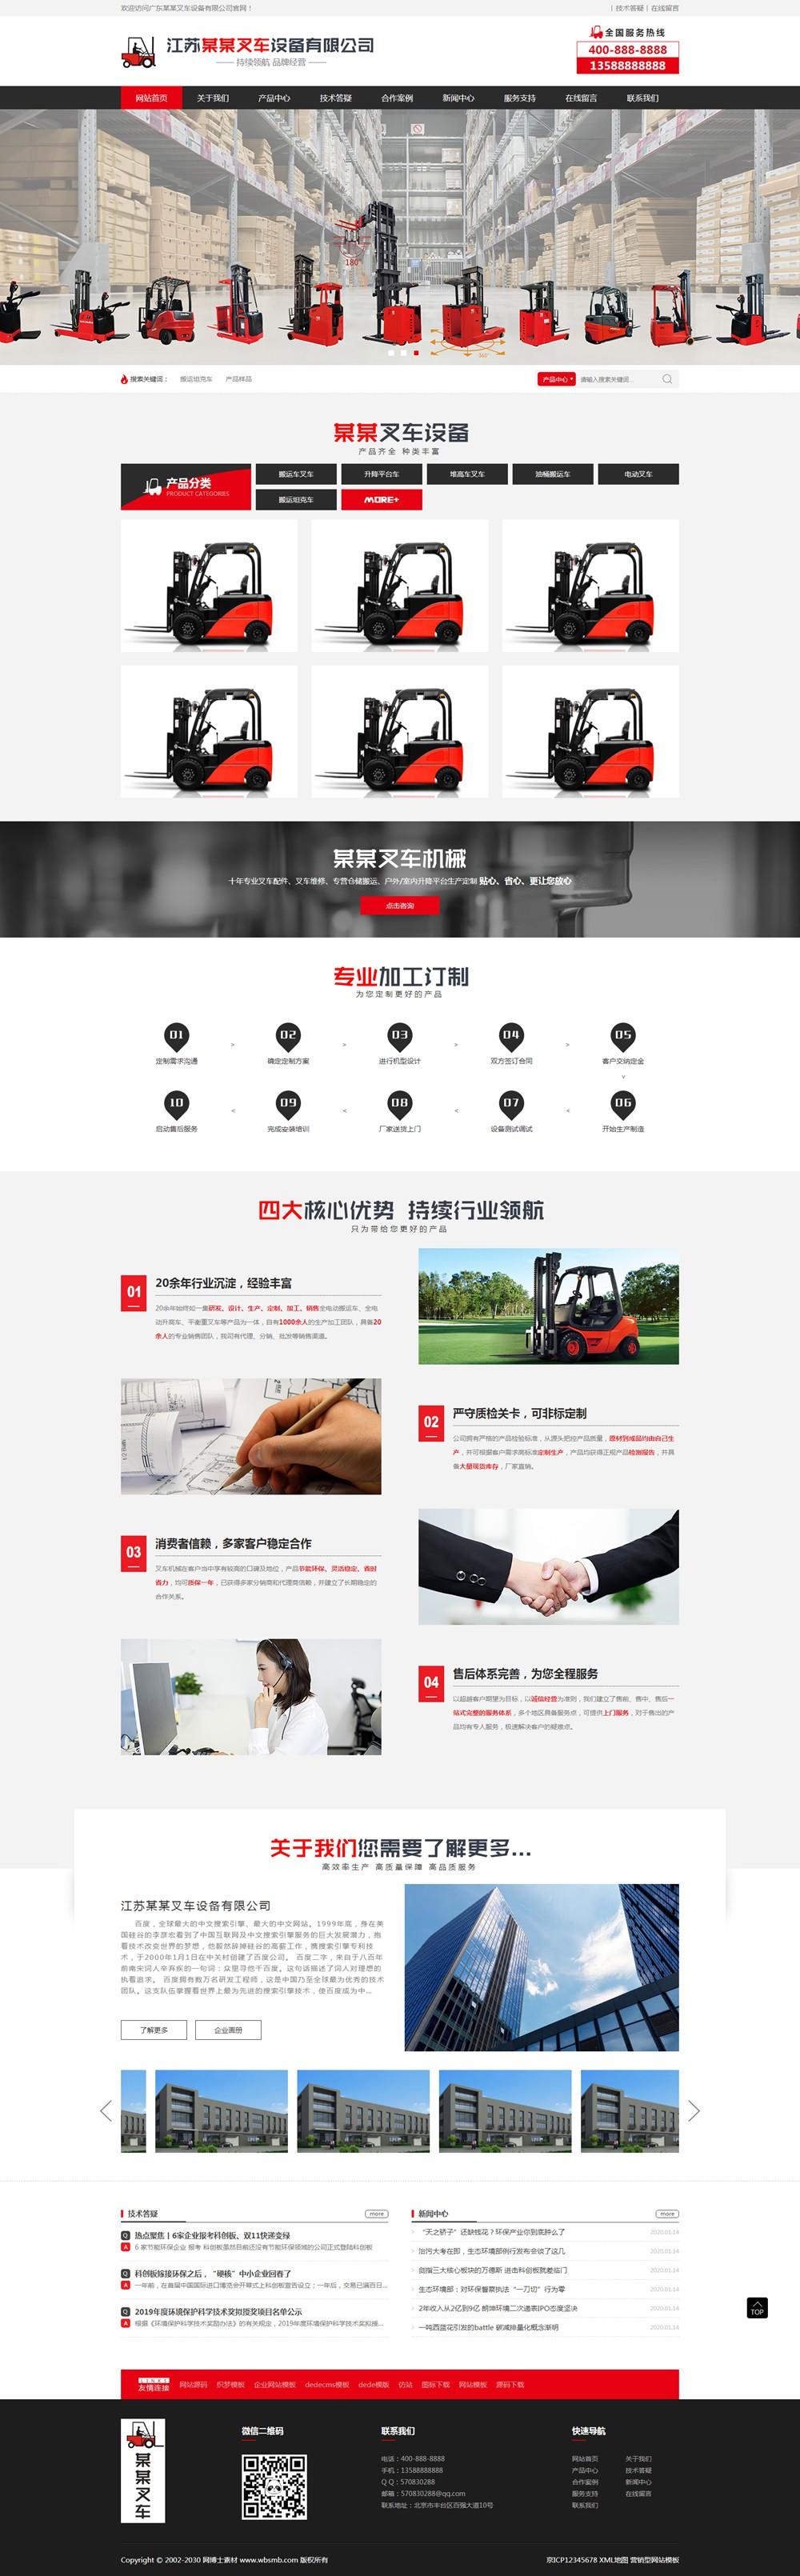 (带手机版数据同步)营销型叉车工程机械设备制造类网站织梦模板 红色营销型叉车生产